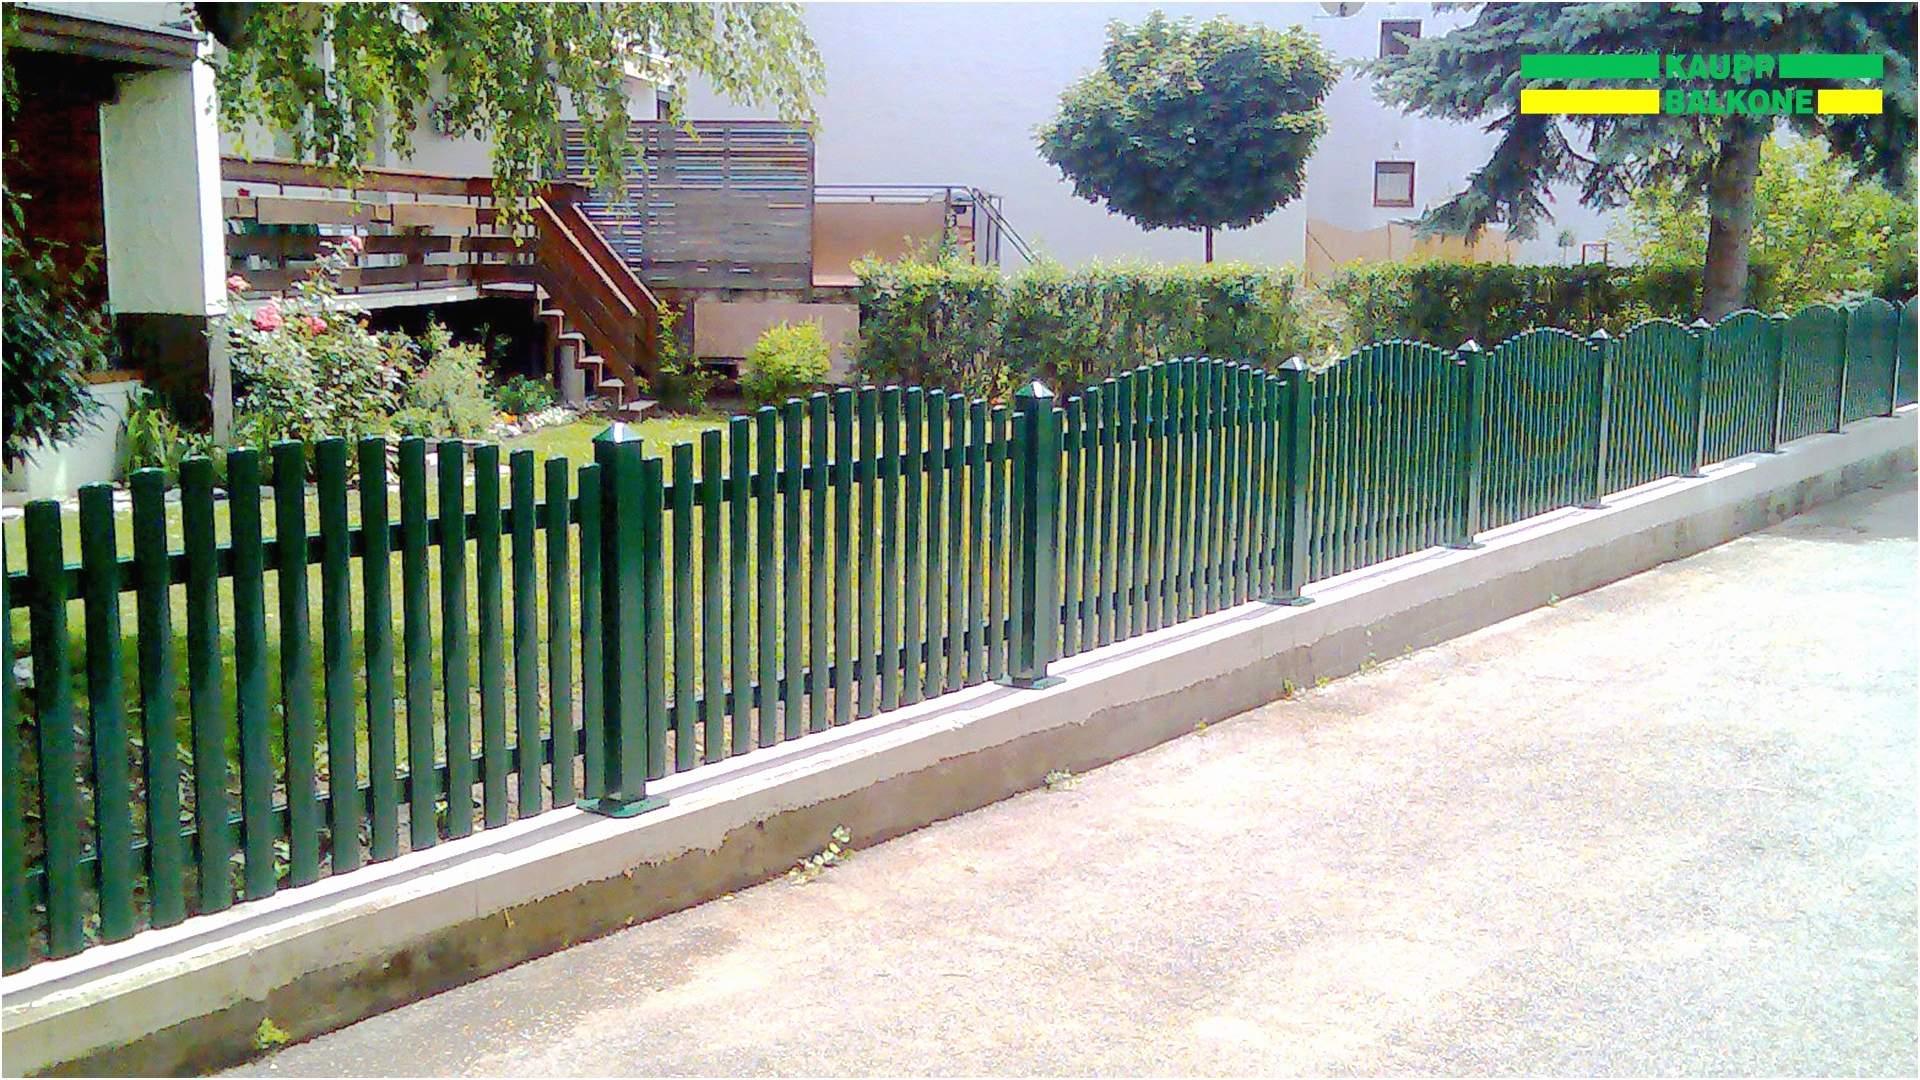 sichtschutzzaun selber bauen einzigartig naturzaun selber bauen neu garten zaun garten ideas zaun garten zaun of sichtschutzzaun selber bauen